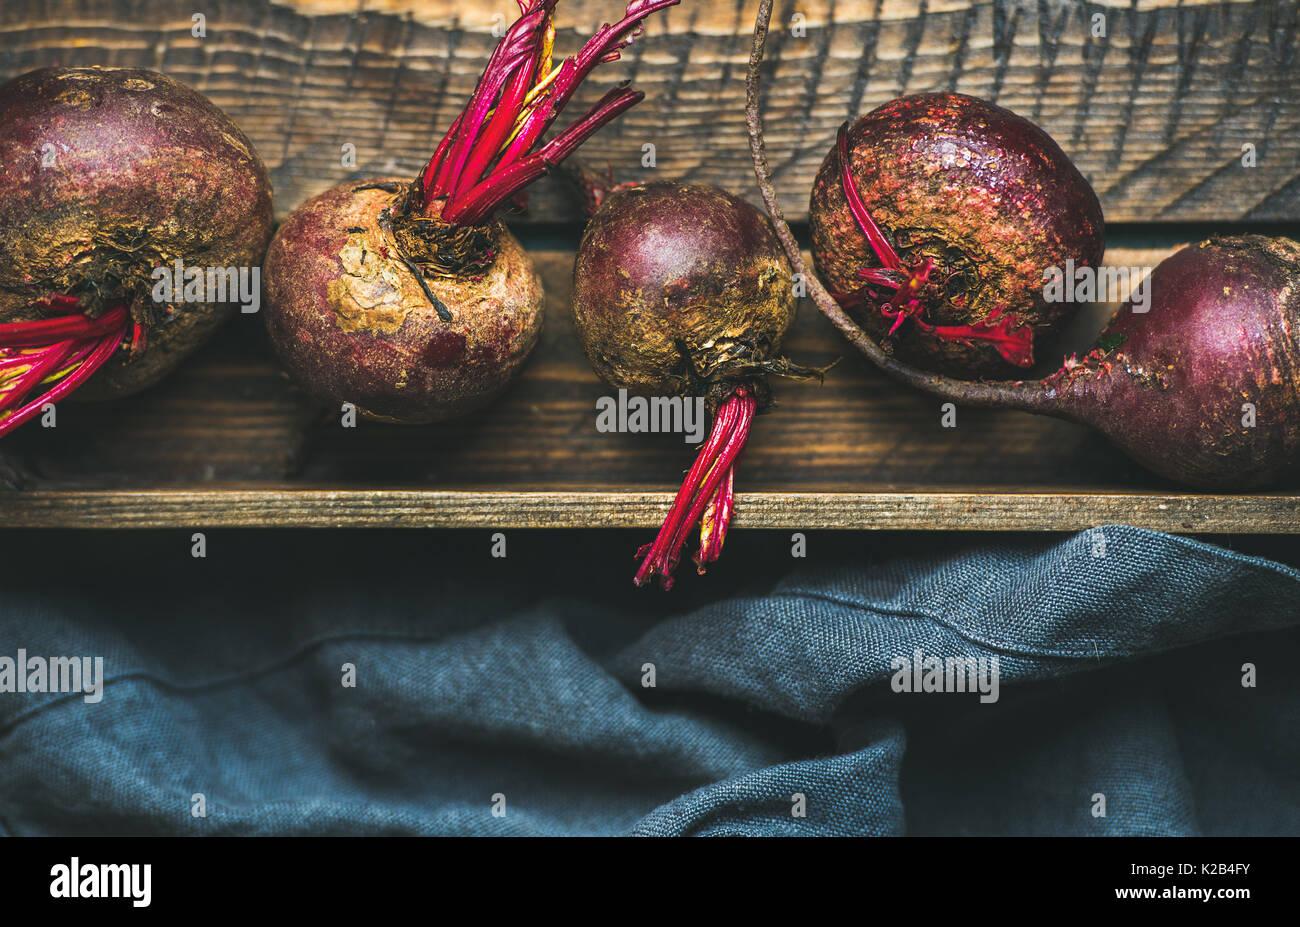 Violet biologiques crus beetroots dans un coffret en bois Photo Stock